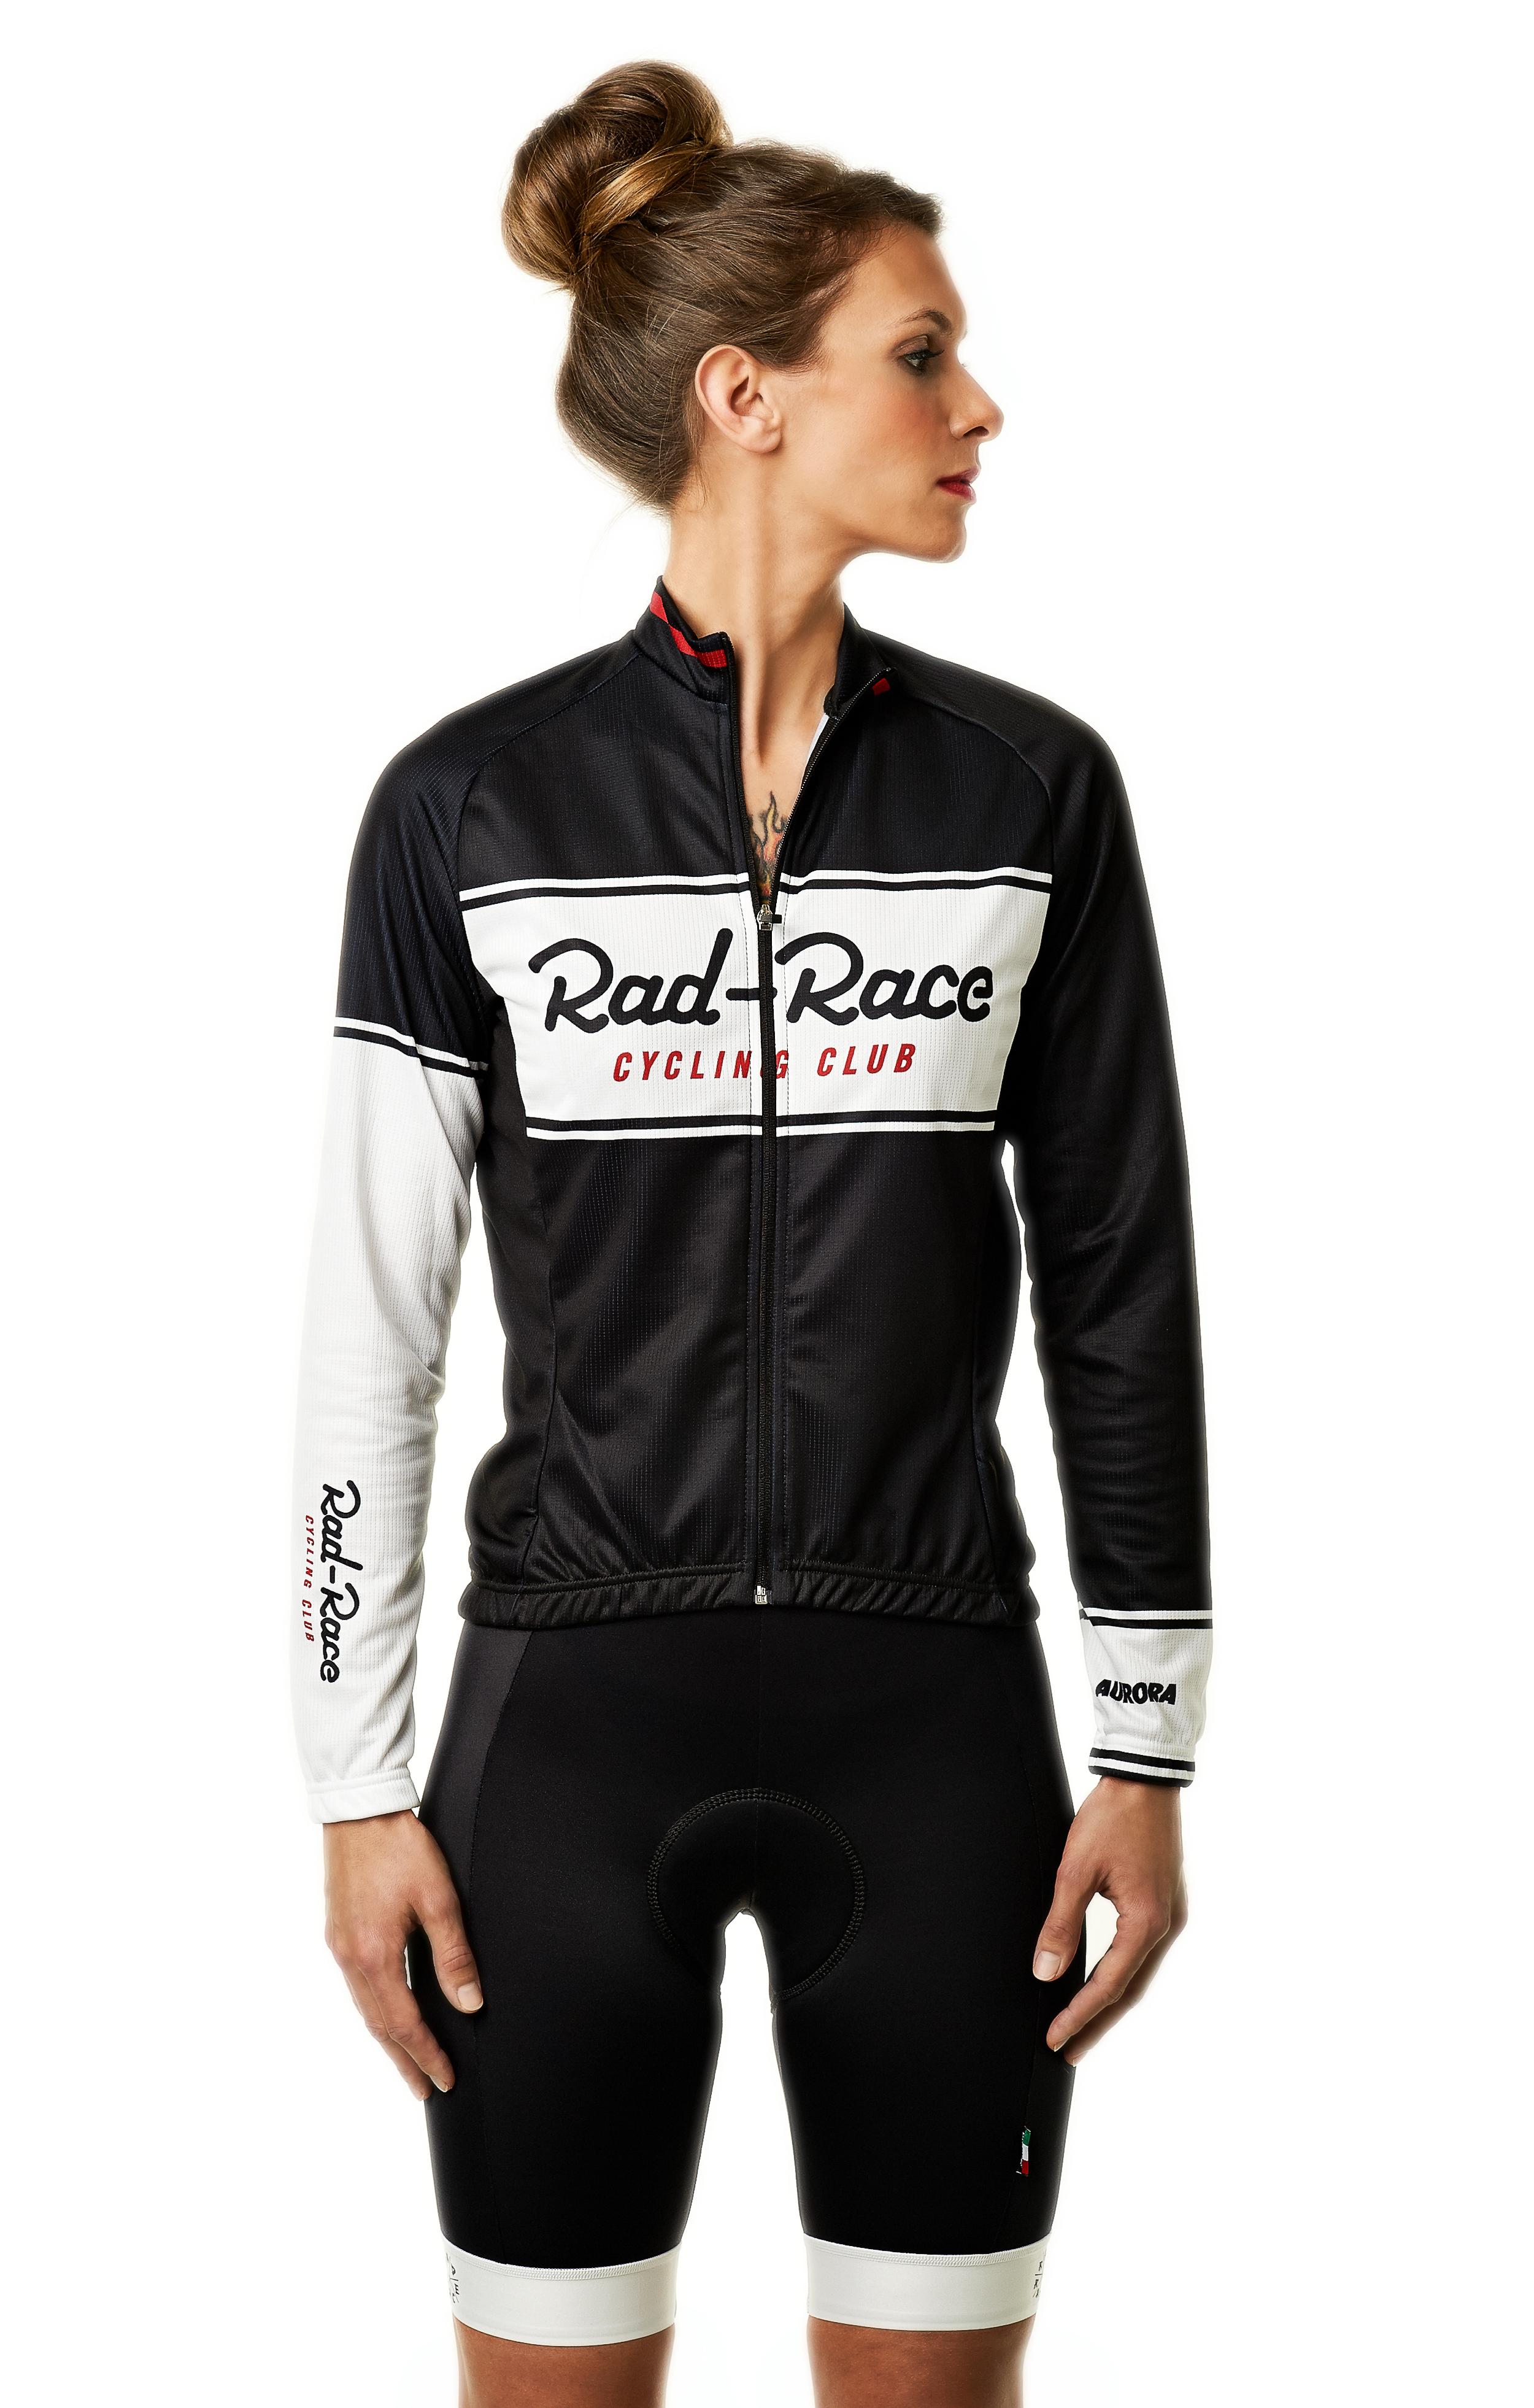 RadRaceShop_CyclingClub_14.jpg